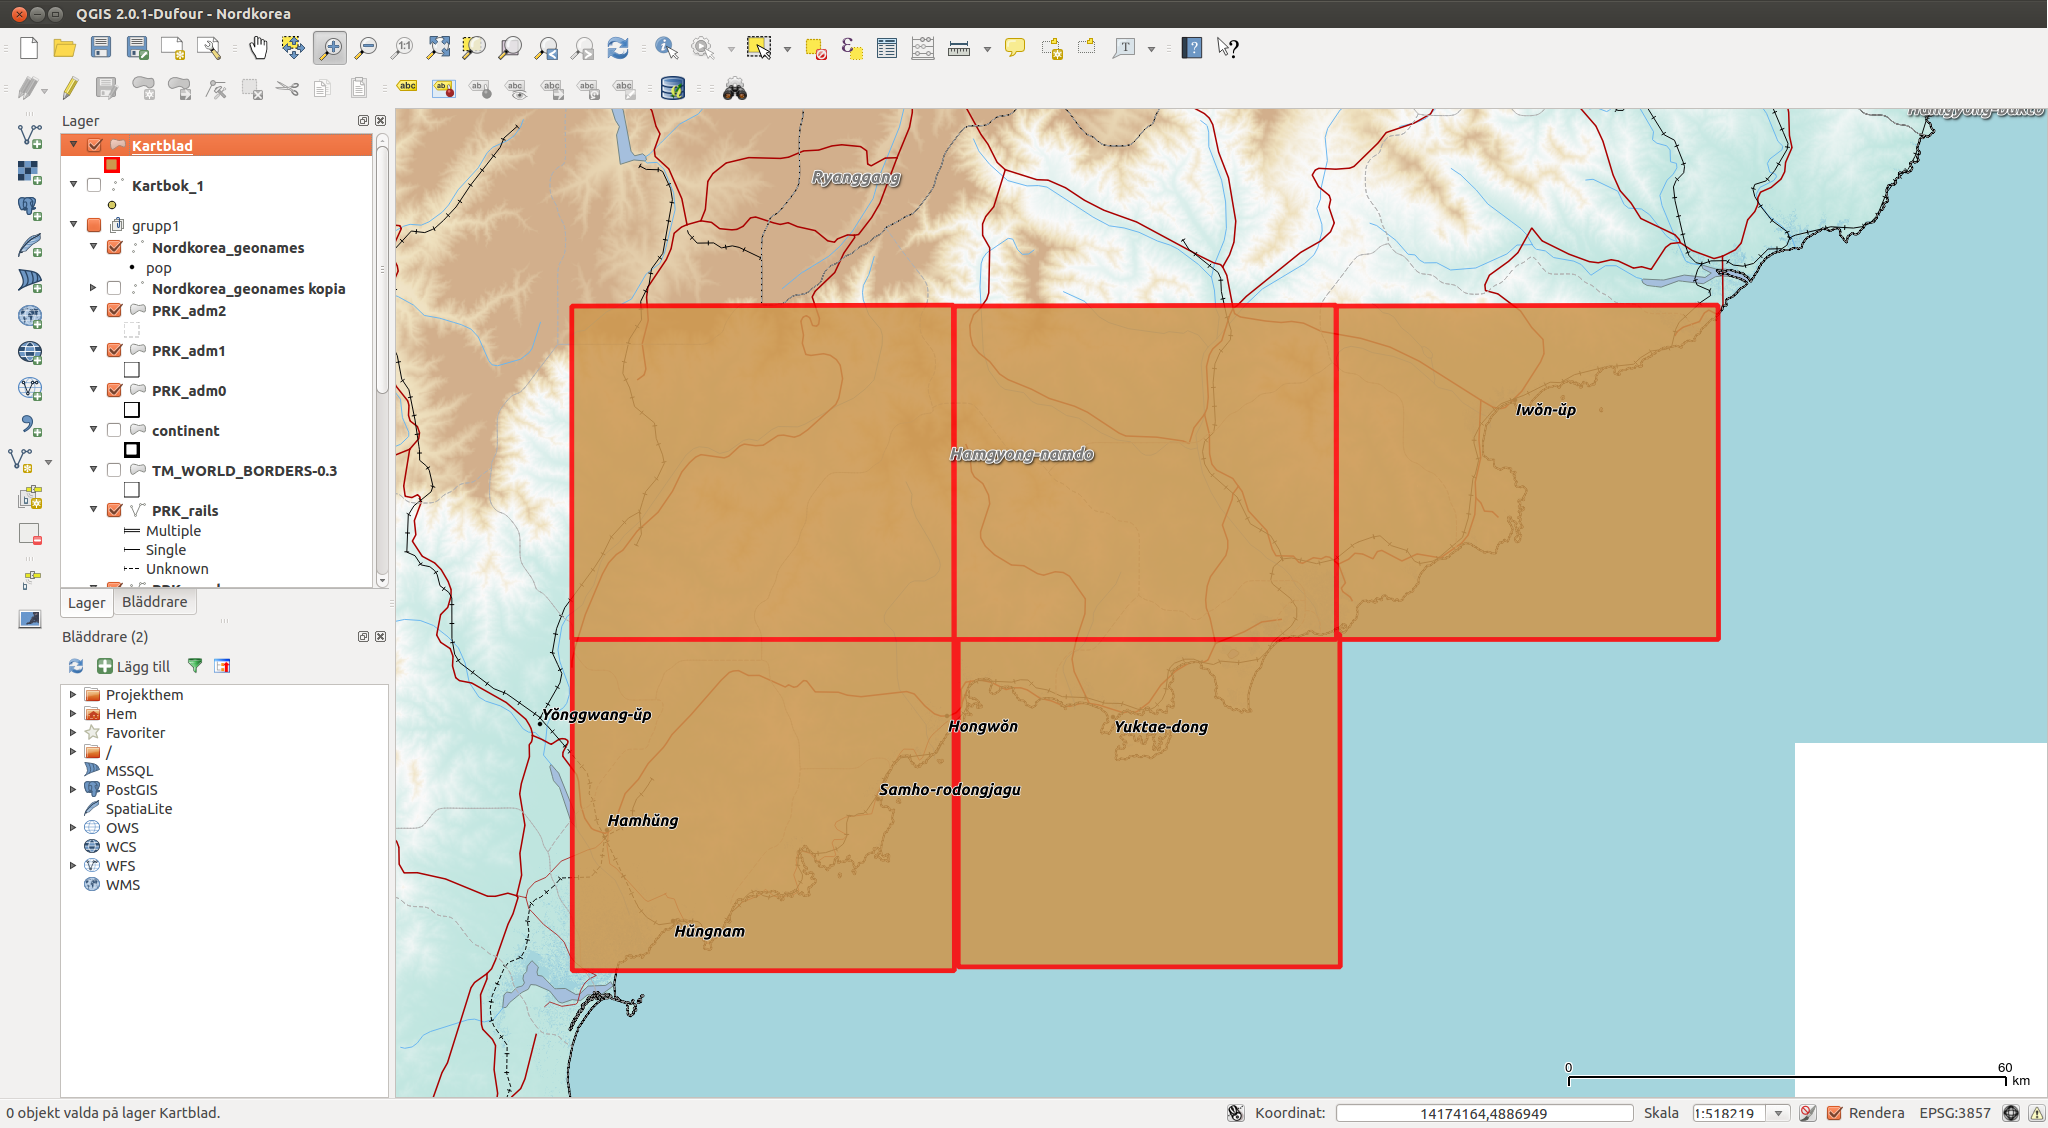 Skärmbild från 2013-12-01 14:47:31